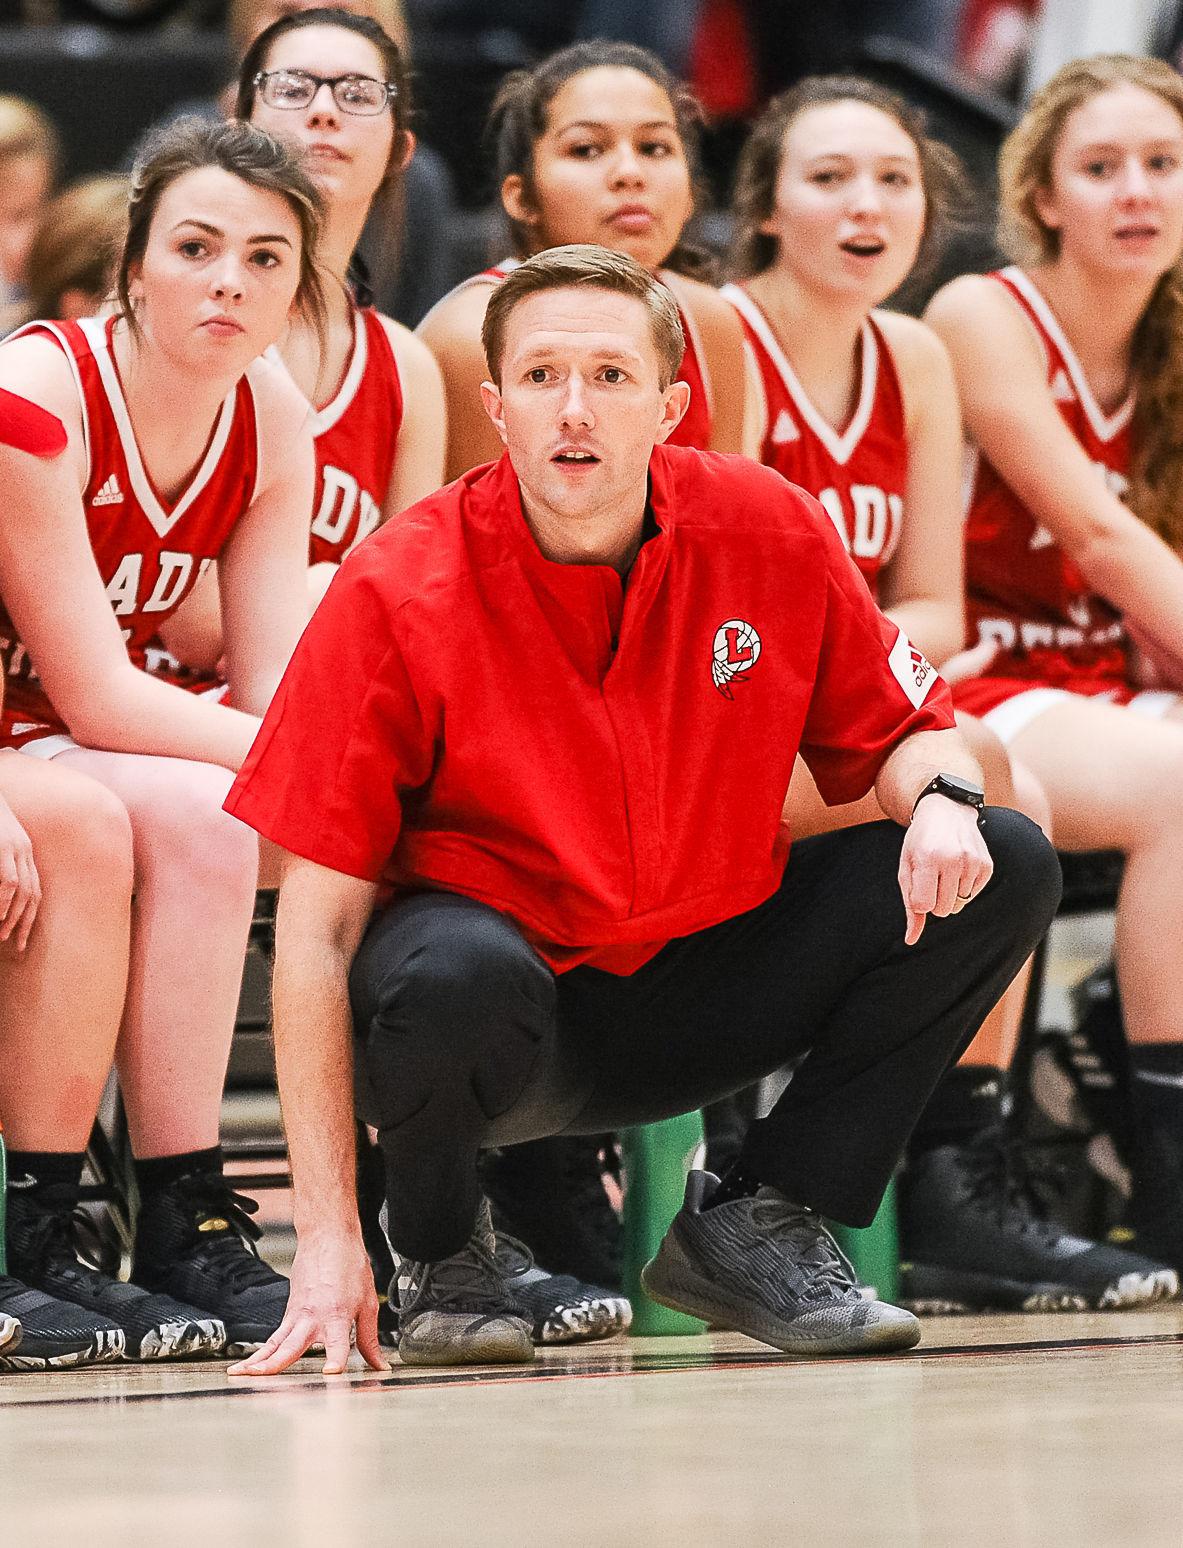 Following a coaching dream